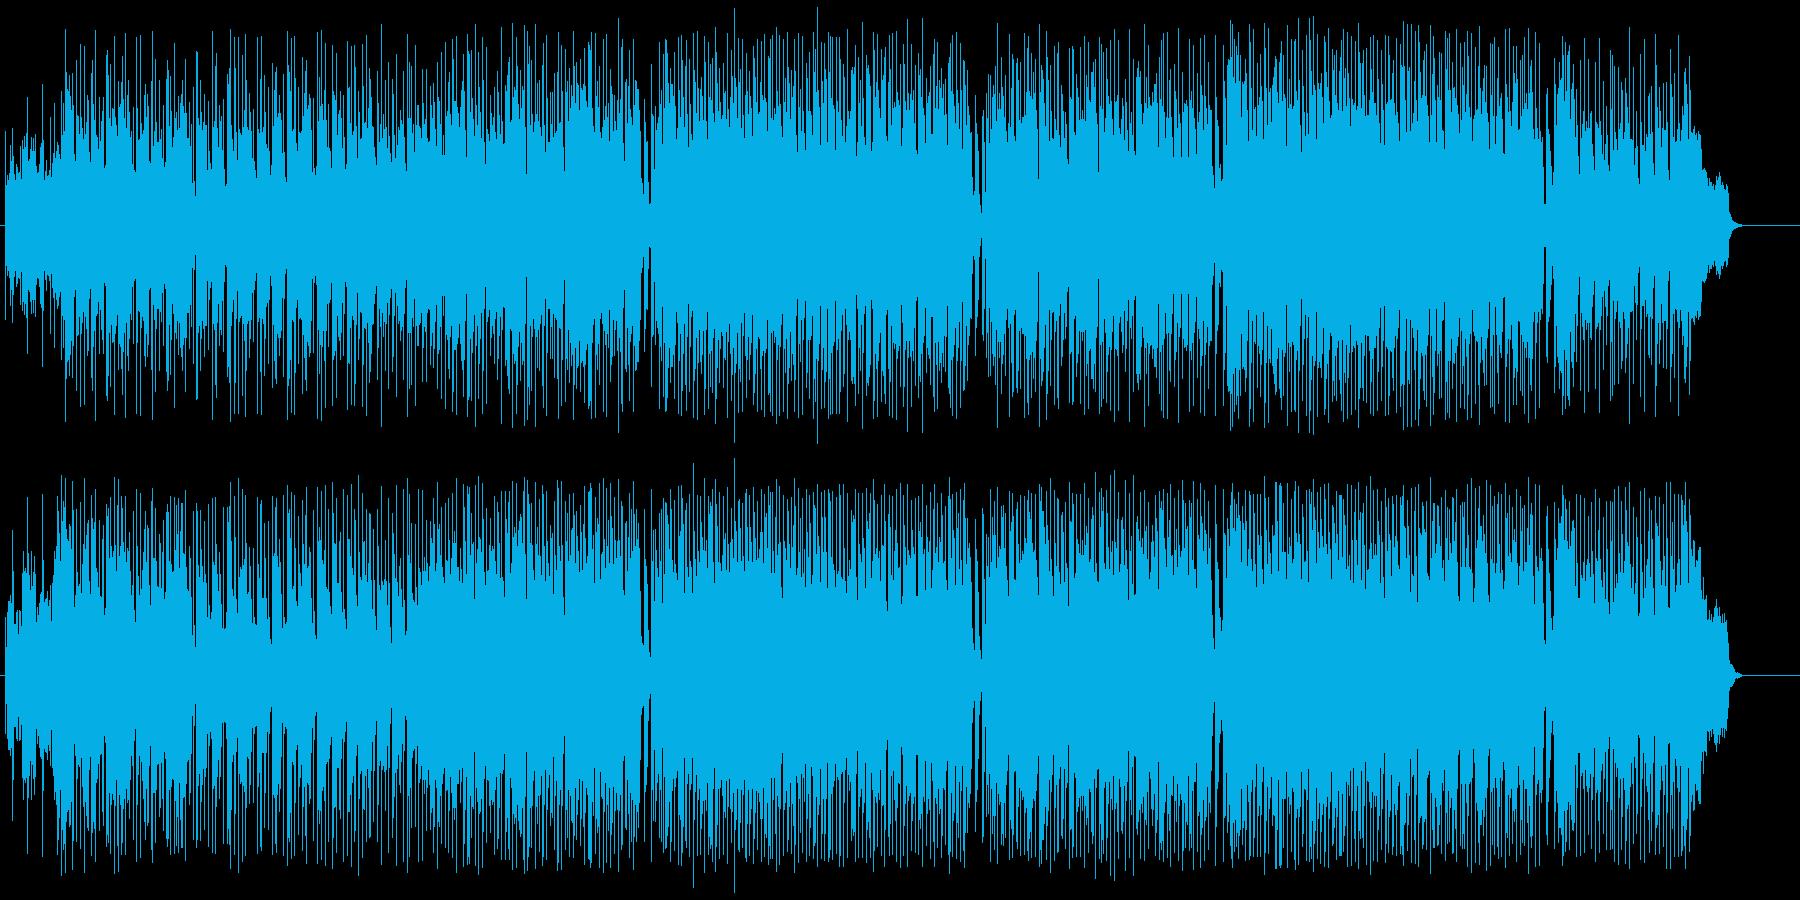 青空と優しさの似合うポップス風レゲエの再生済みの波形